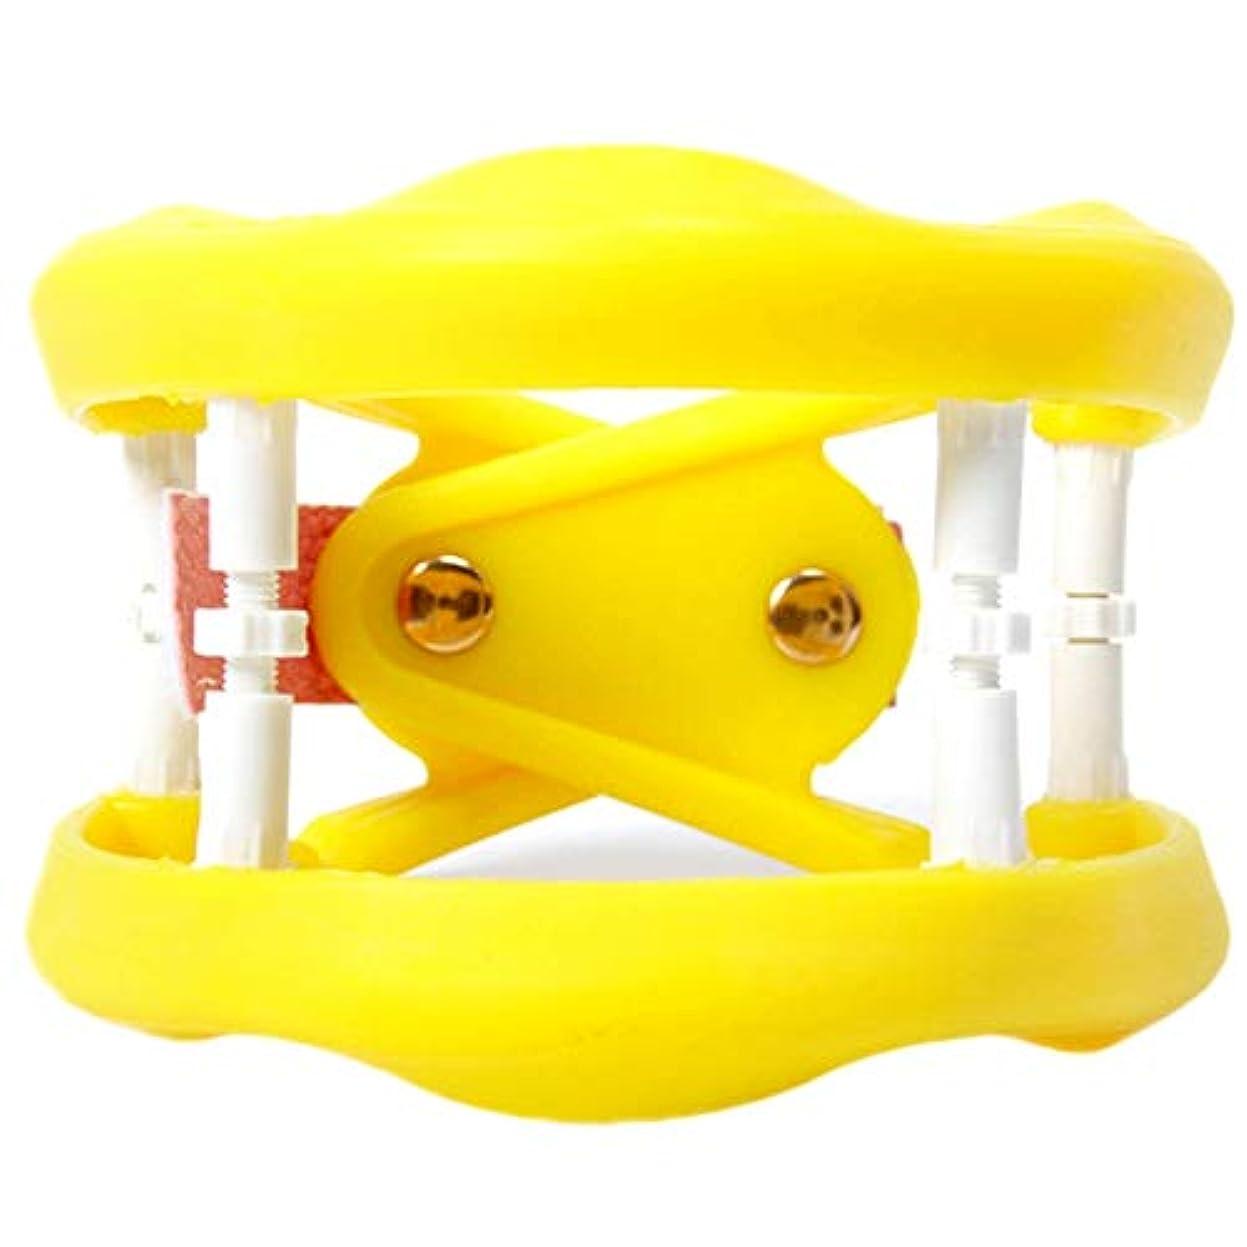 勝利した差別親密なSODIAL 調整可能なシリコン頸部牽引フレームネックマッサージ 脊椎ストレッチサポートコレクターマッサージ リラクゼーション